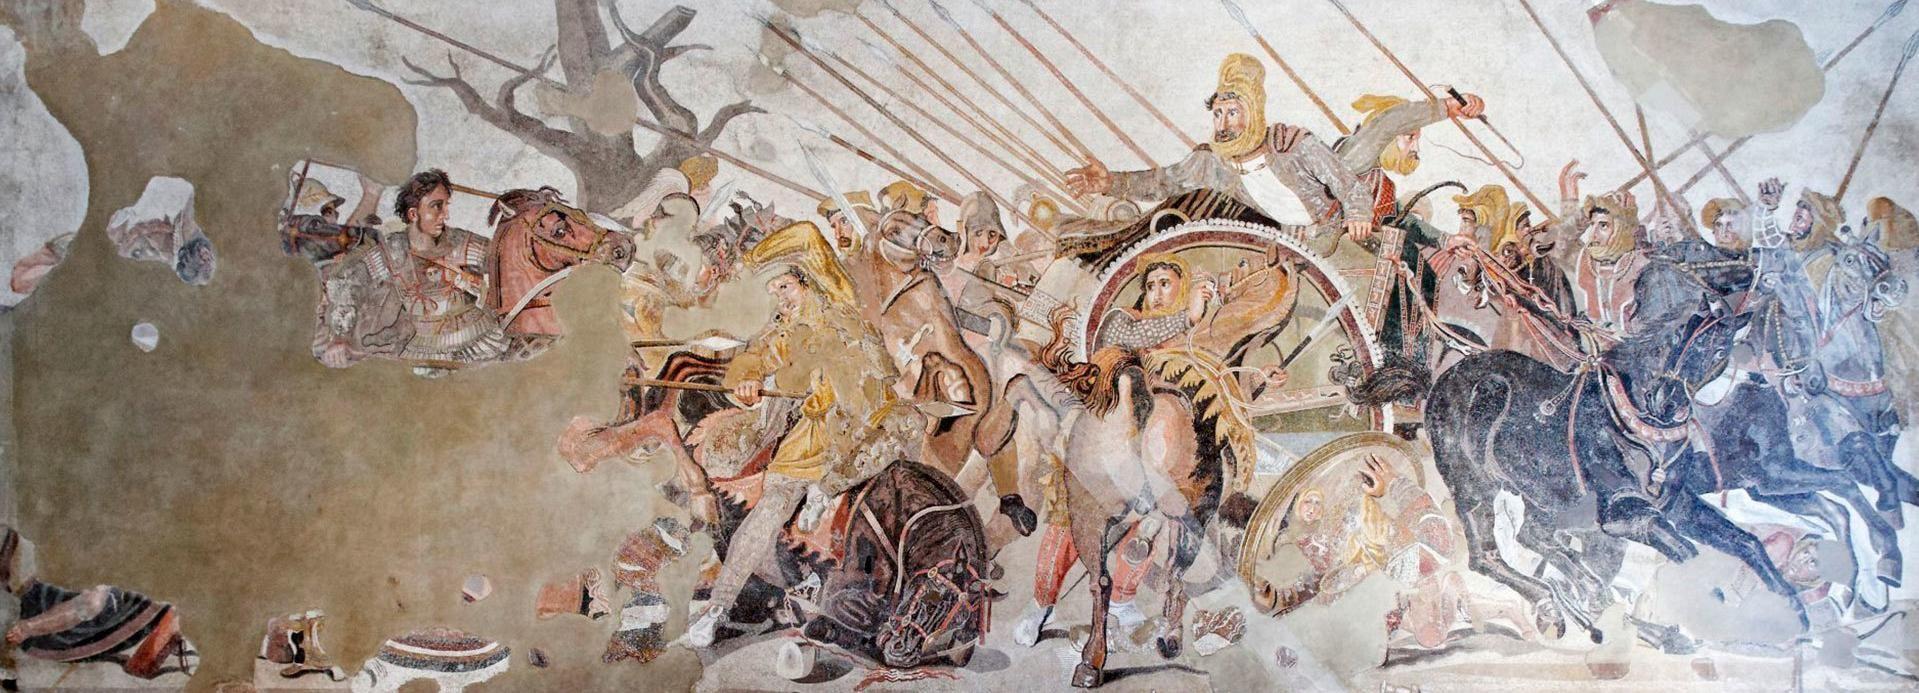 Visite guidée privée du musée national d'archéologie de Naples